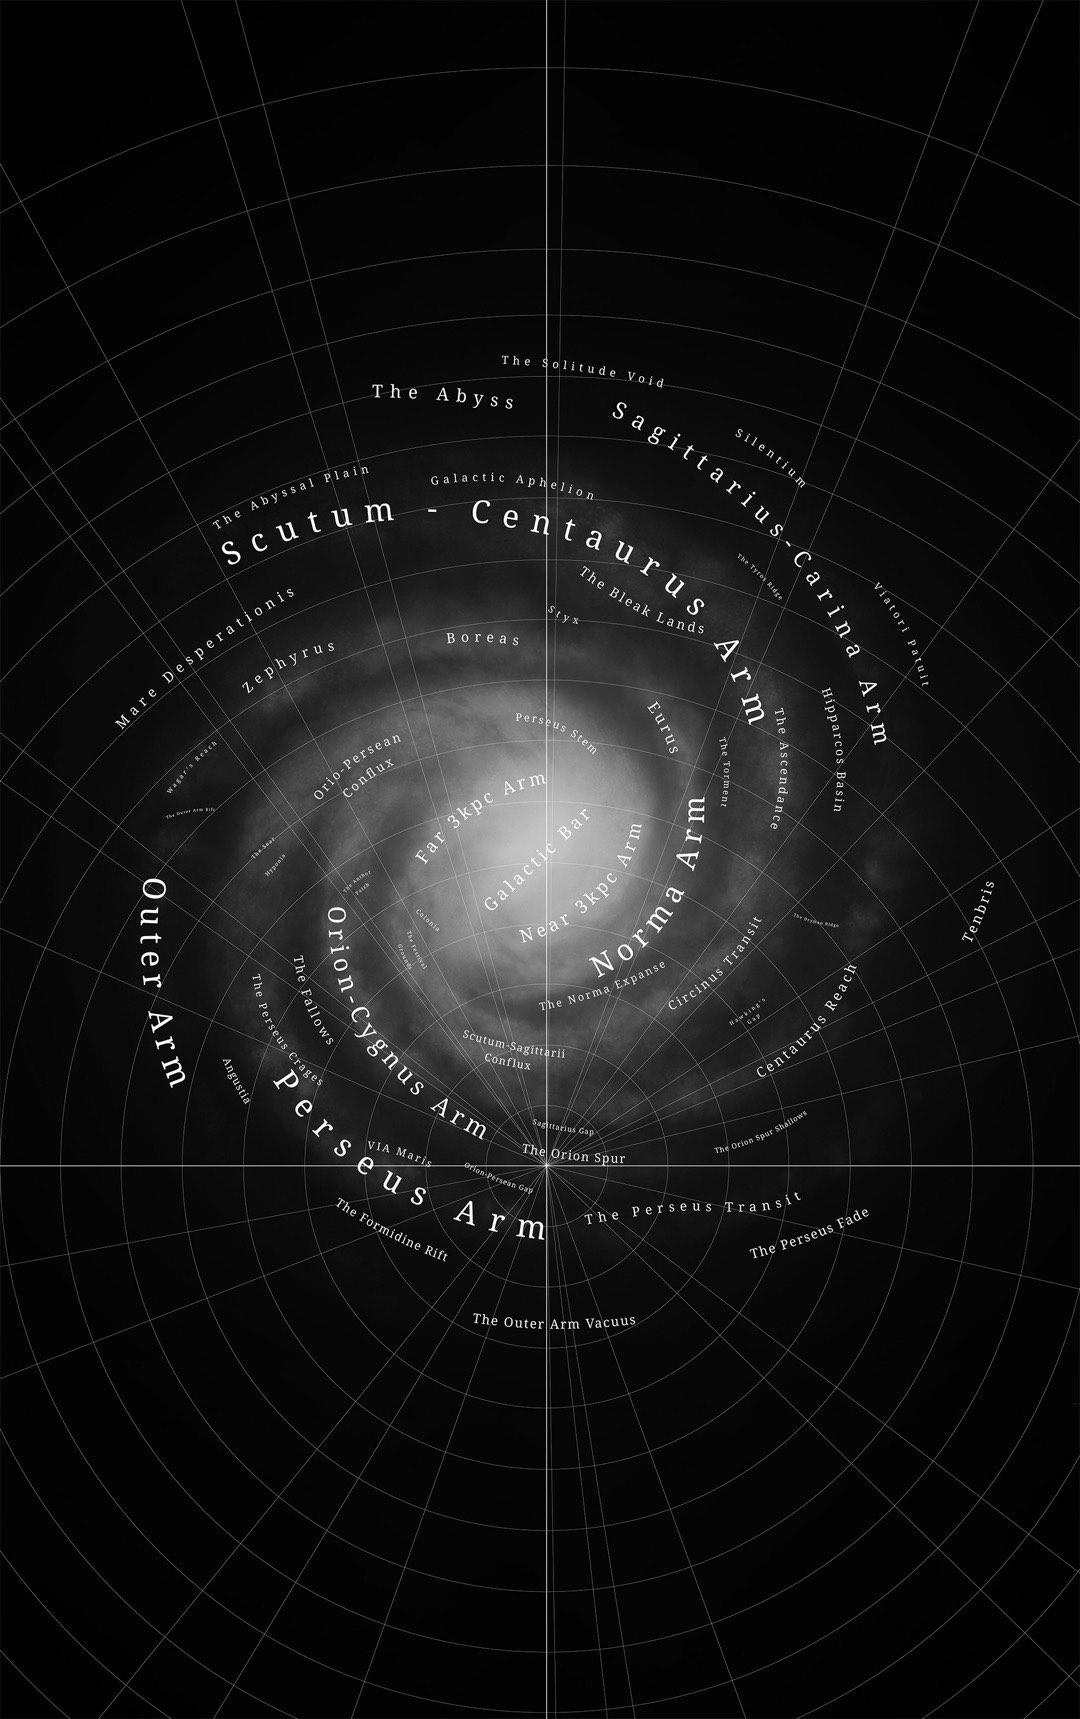 Eine Karte der Milchstraße